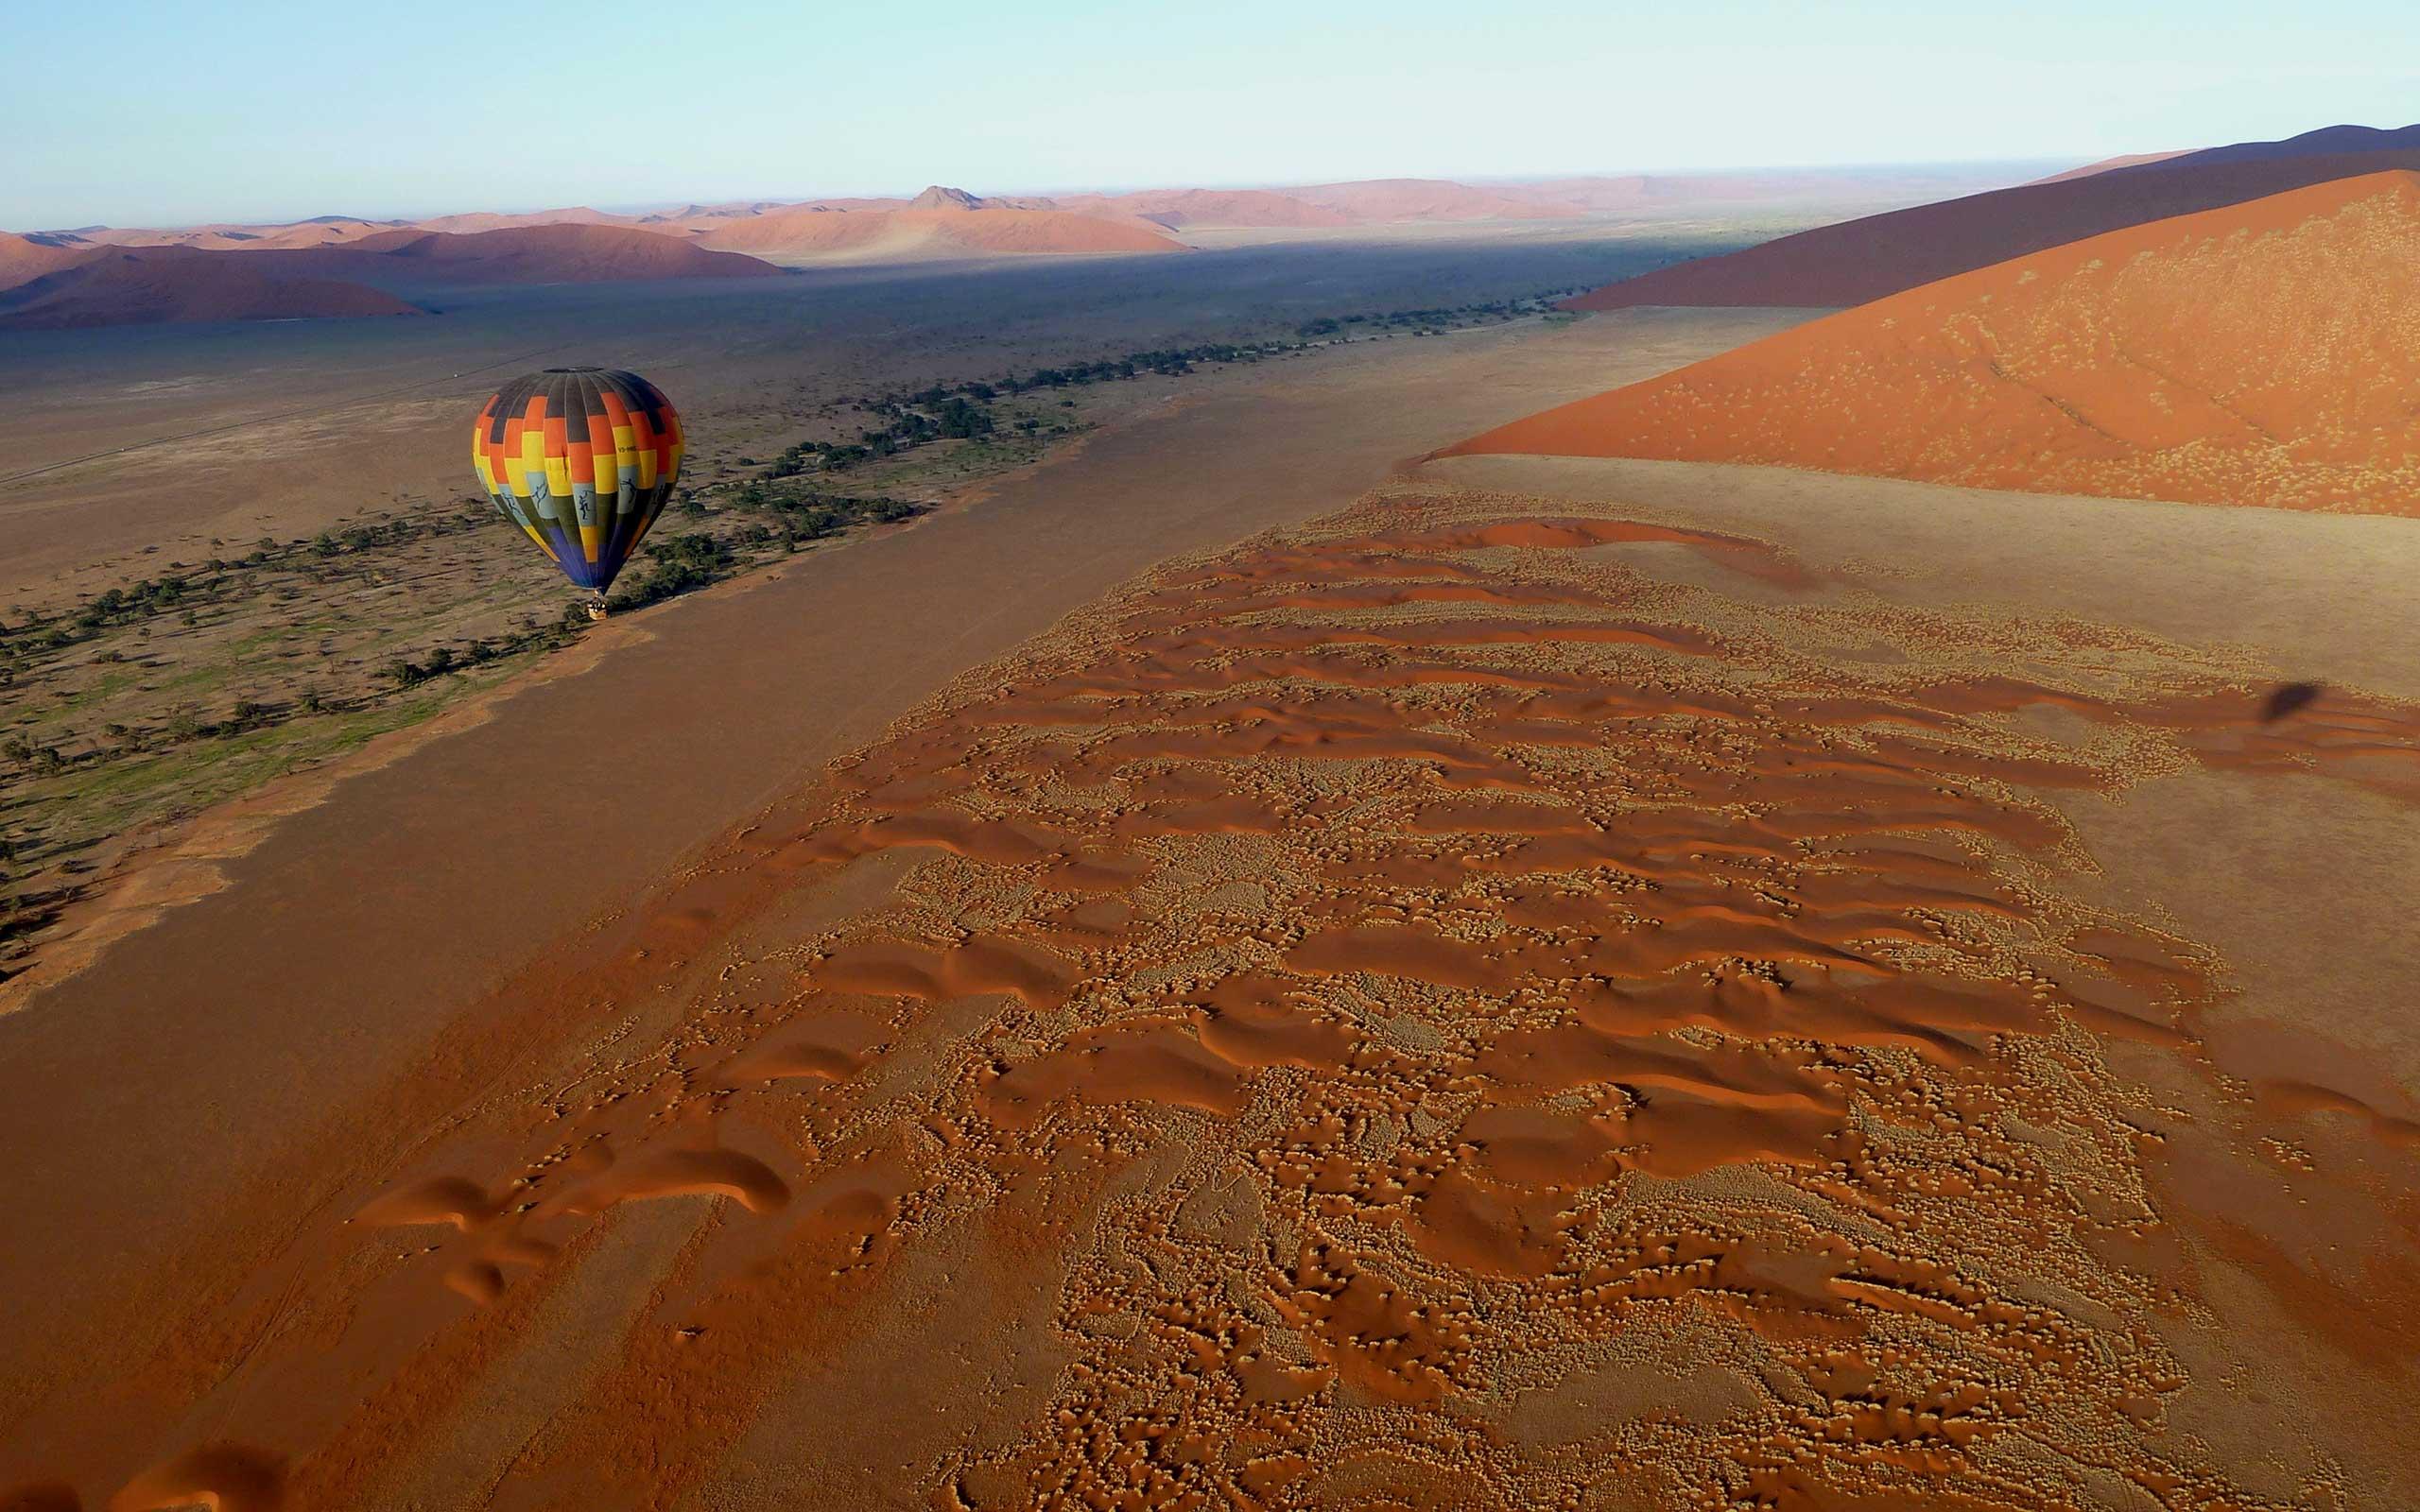 namib_sky_balloon_safaris_namibia-enkosi-africa